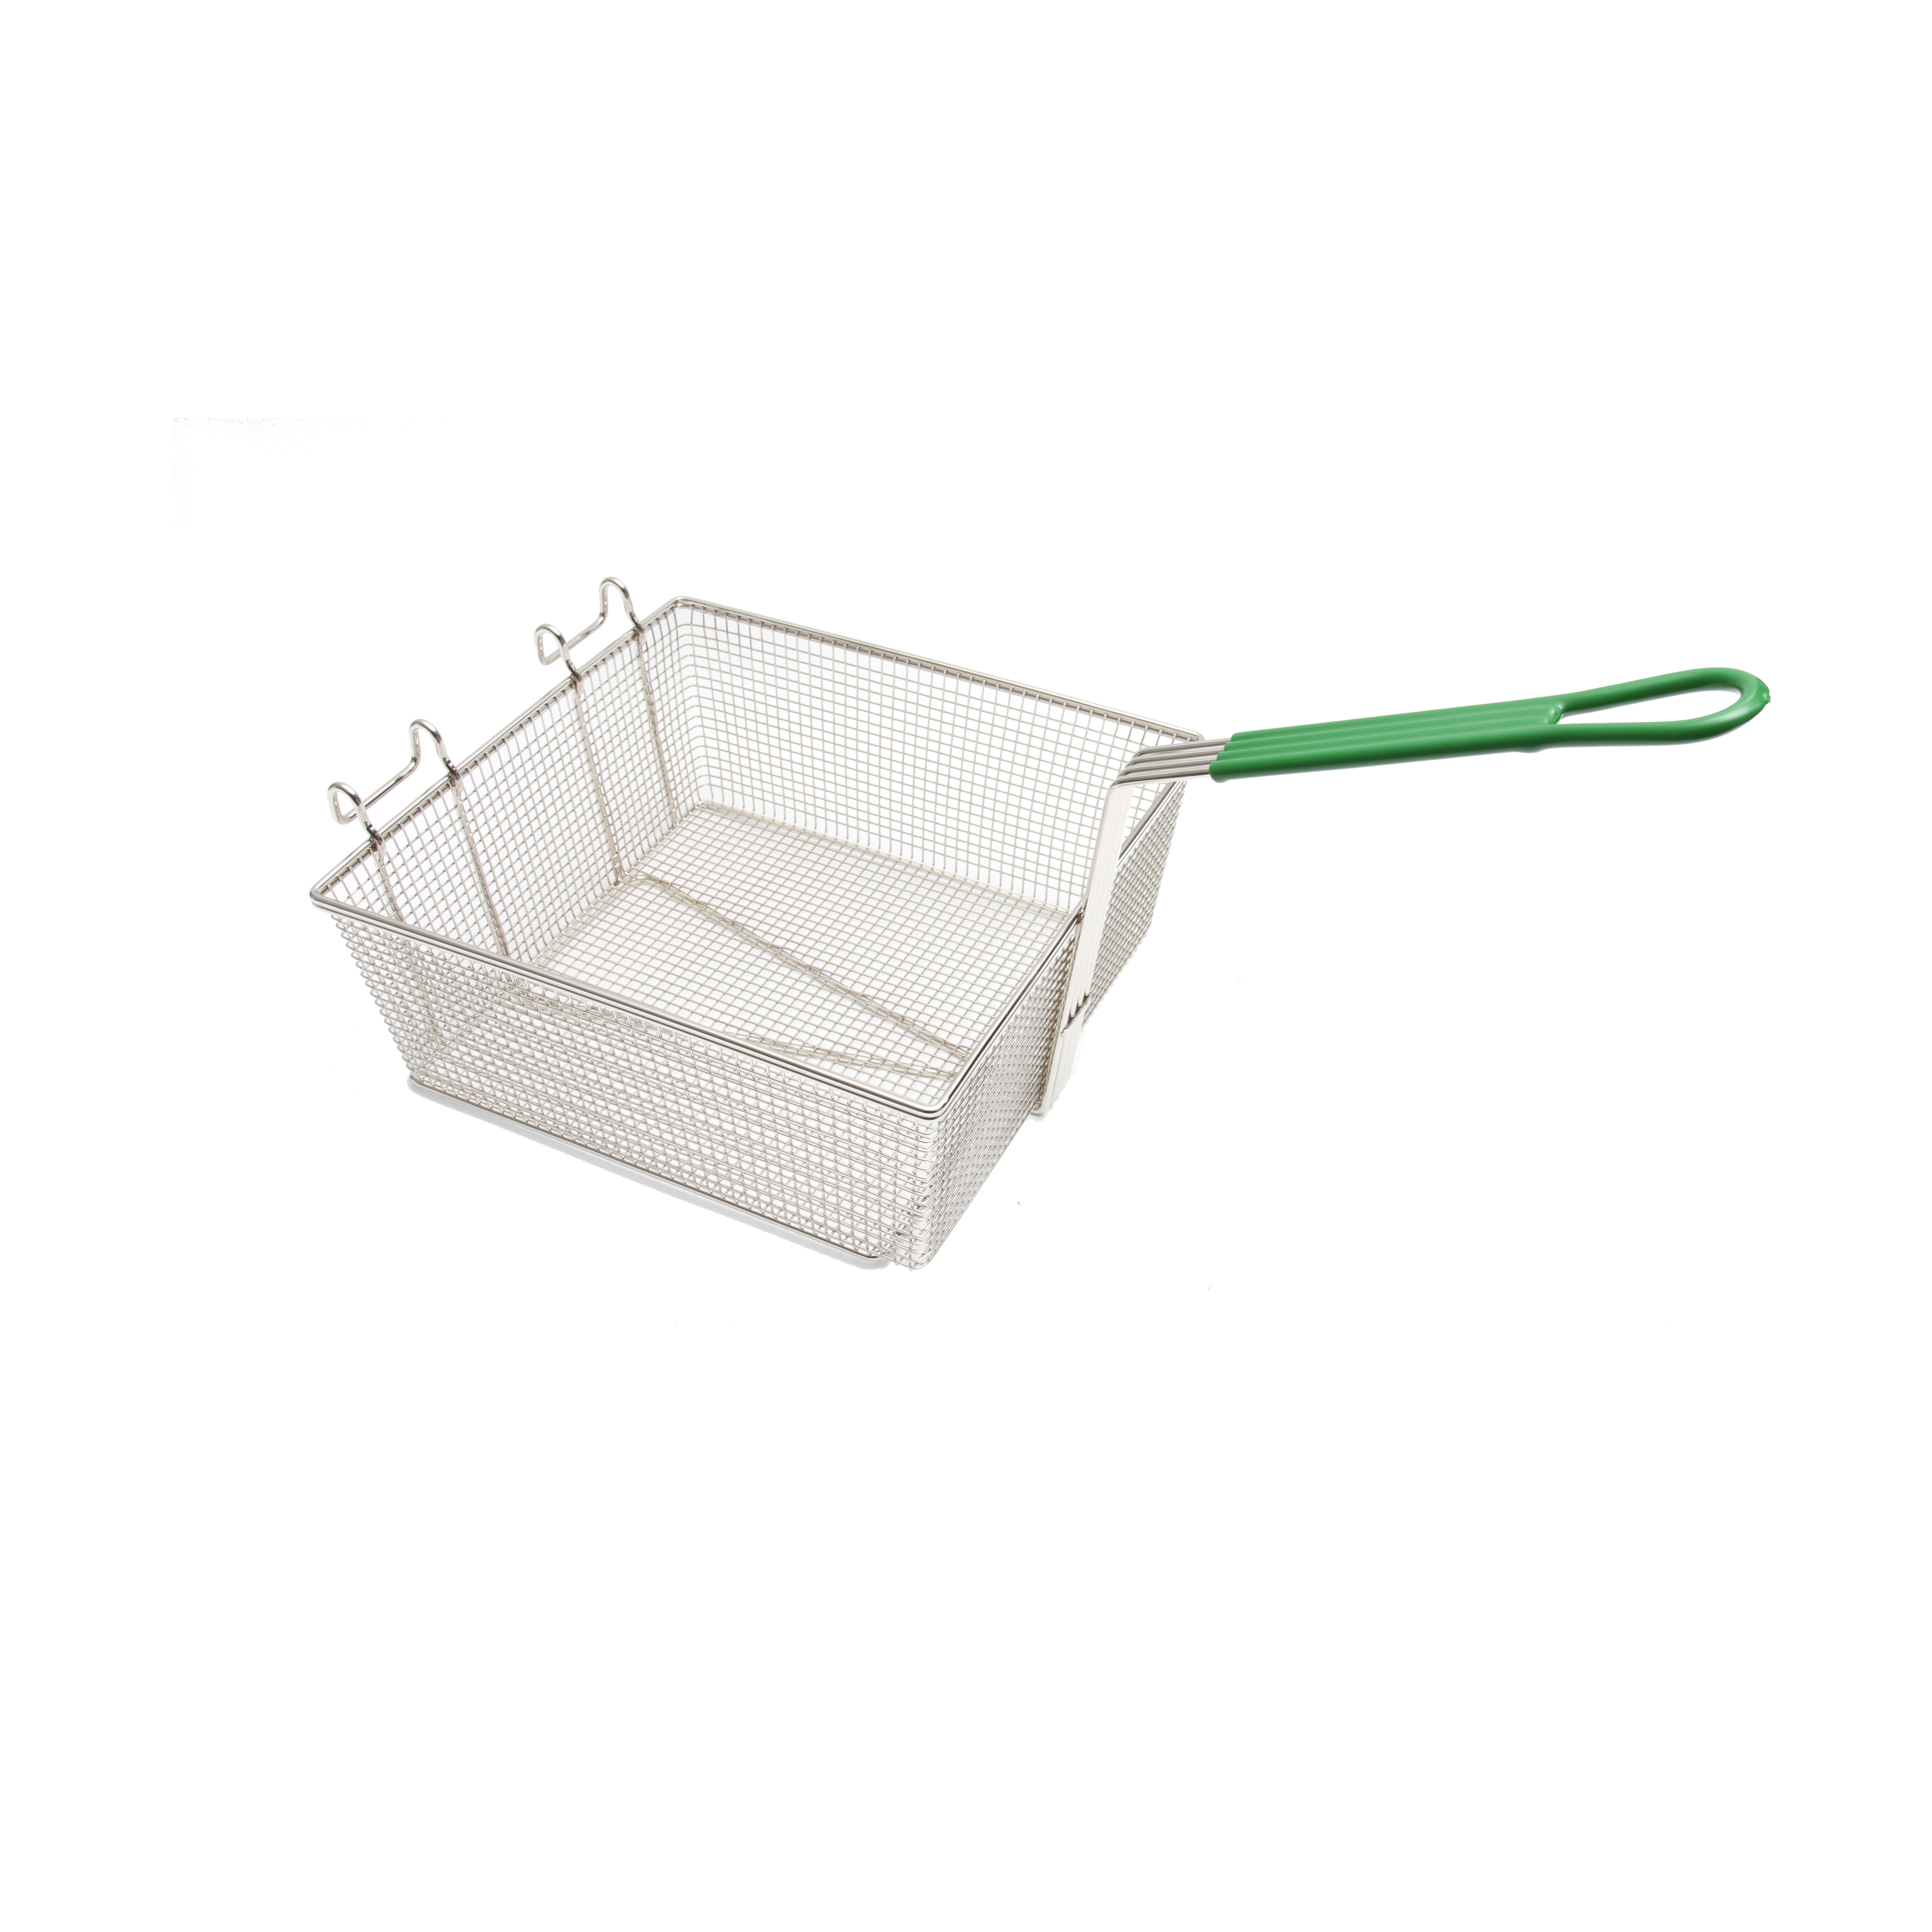 Frymaster 803-0099 fryer basket